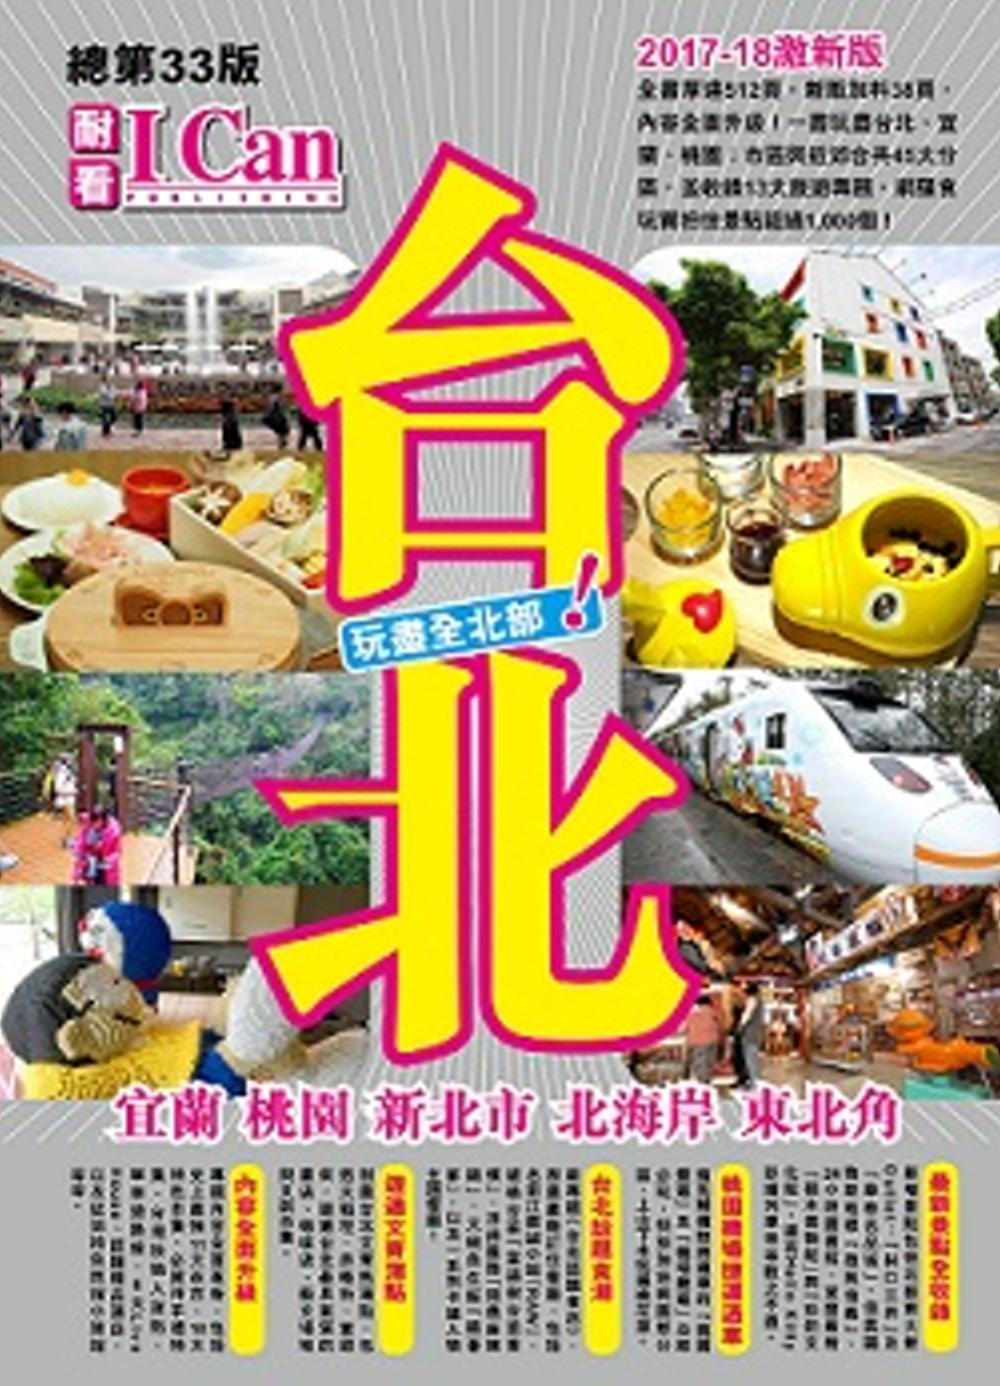 台北(2017-18):宜蘭 桃園 新北市 北海岸 東北角